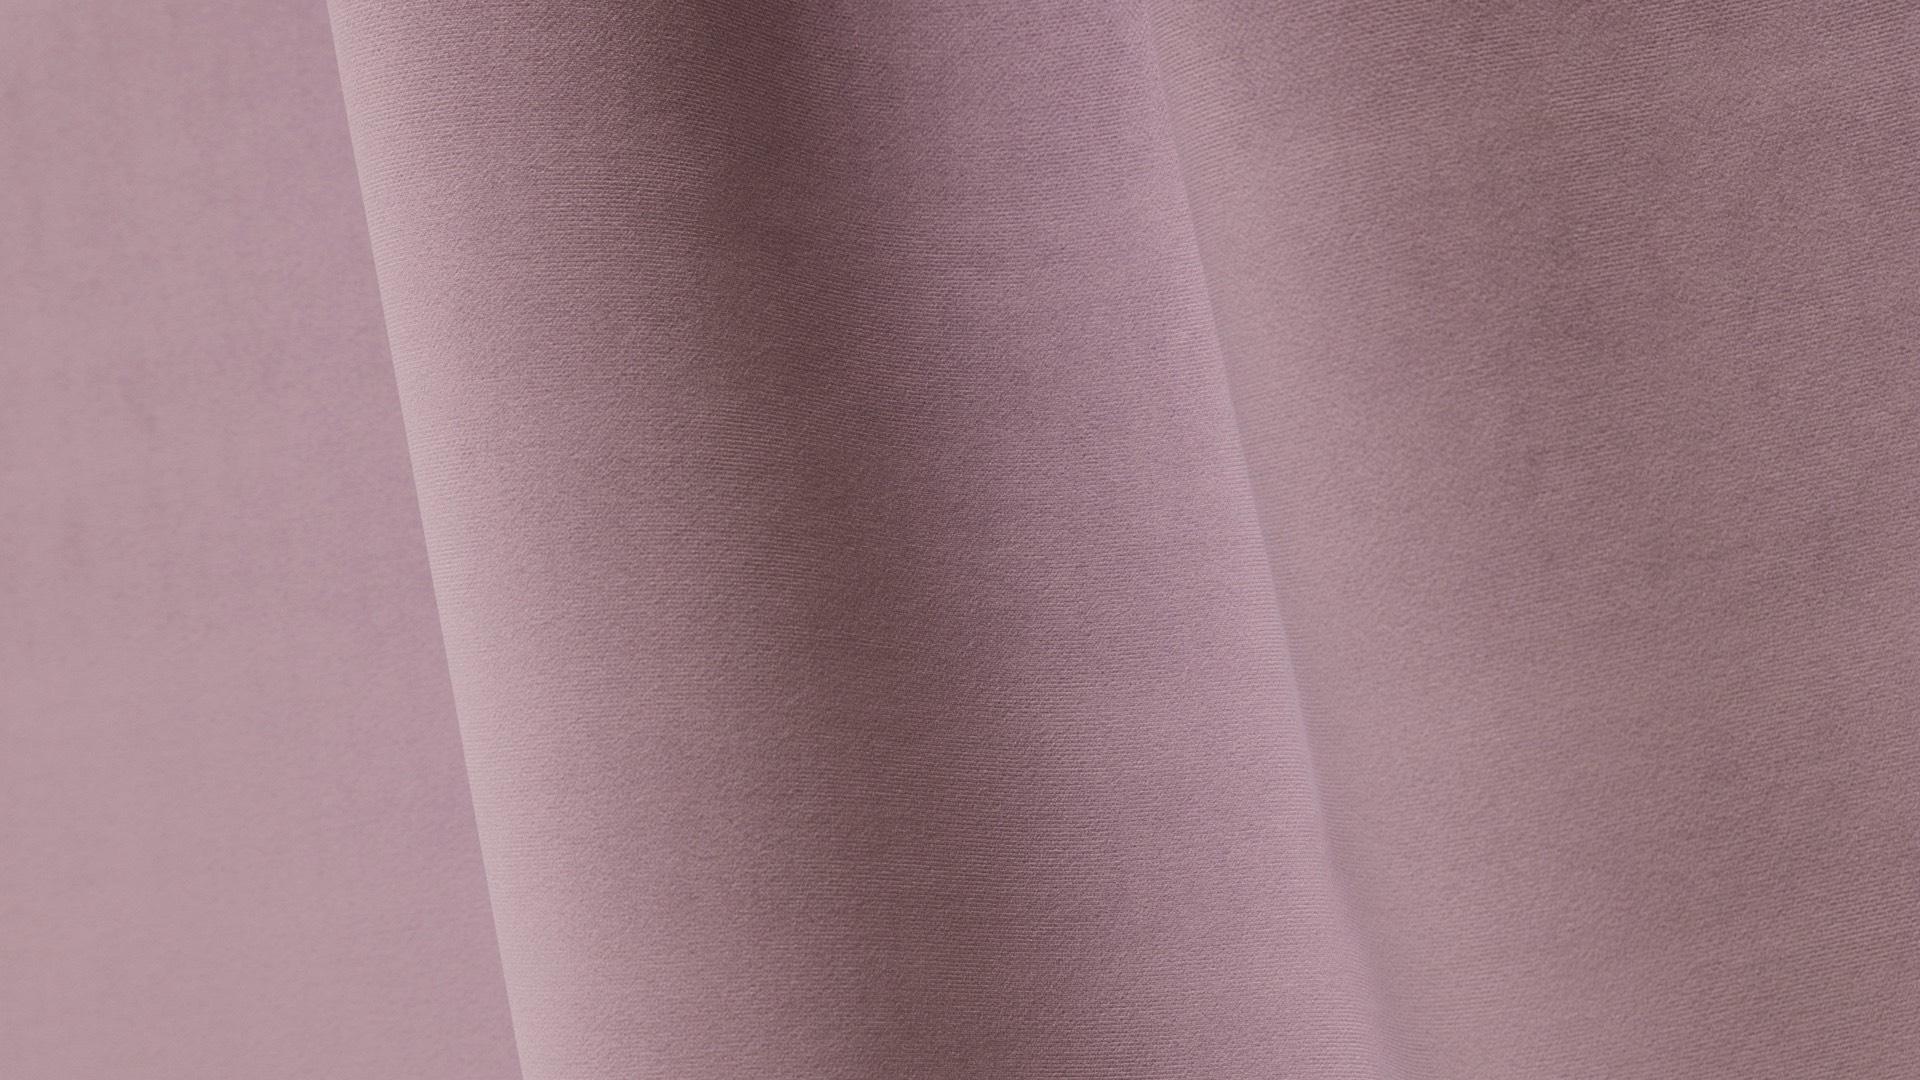 Échantillon de tissu velours parme